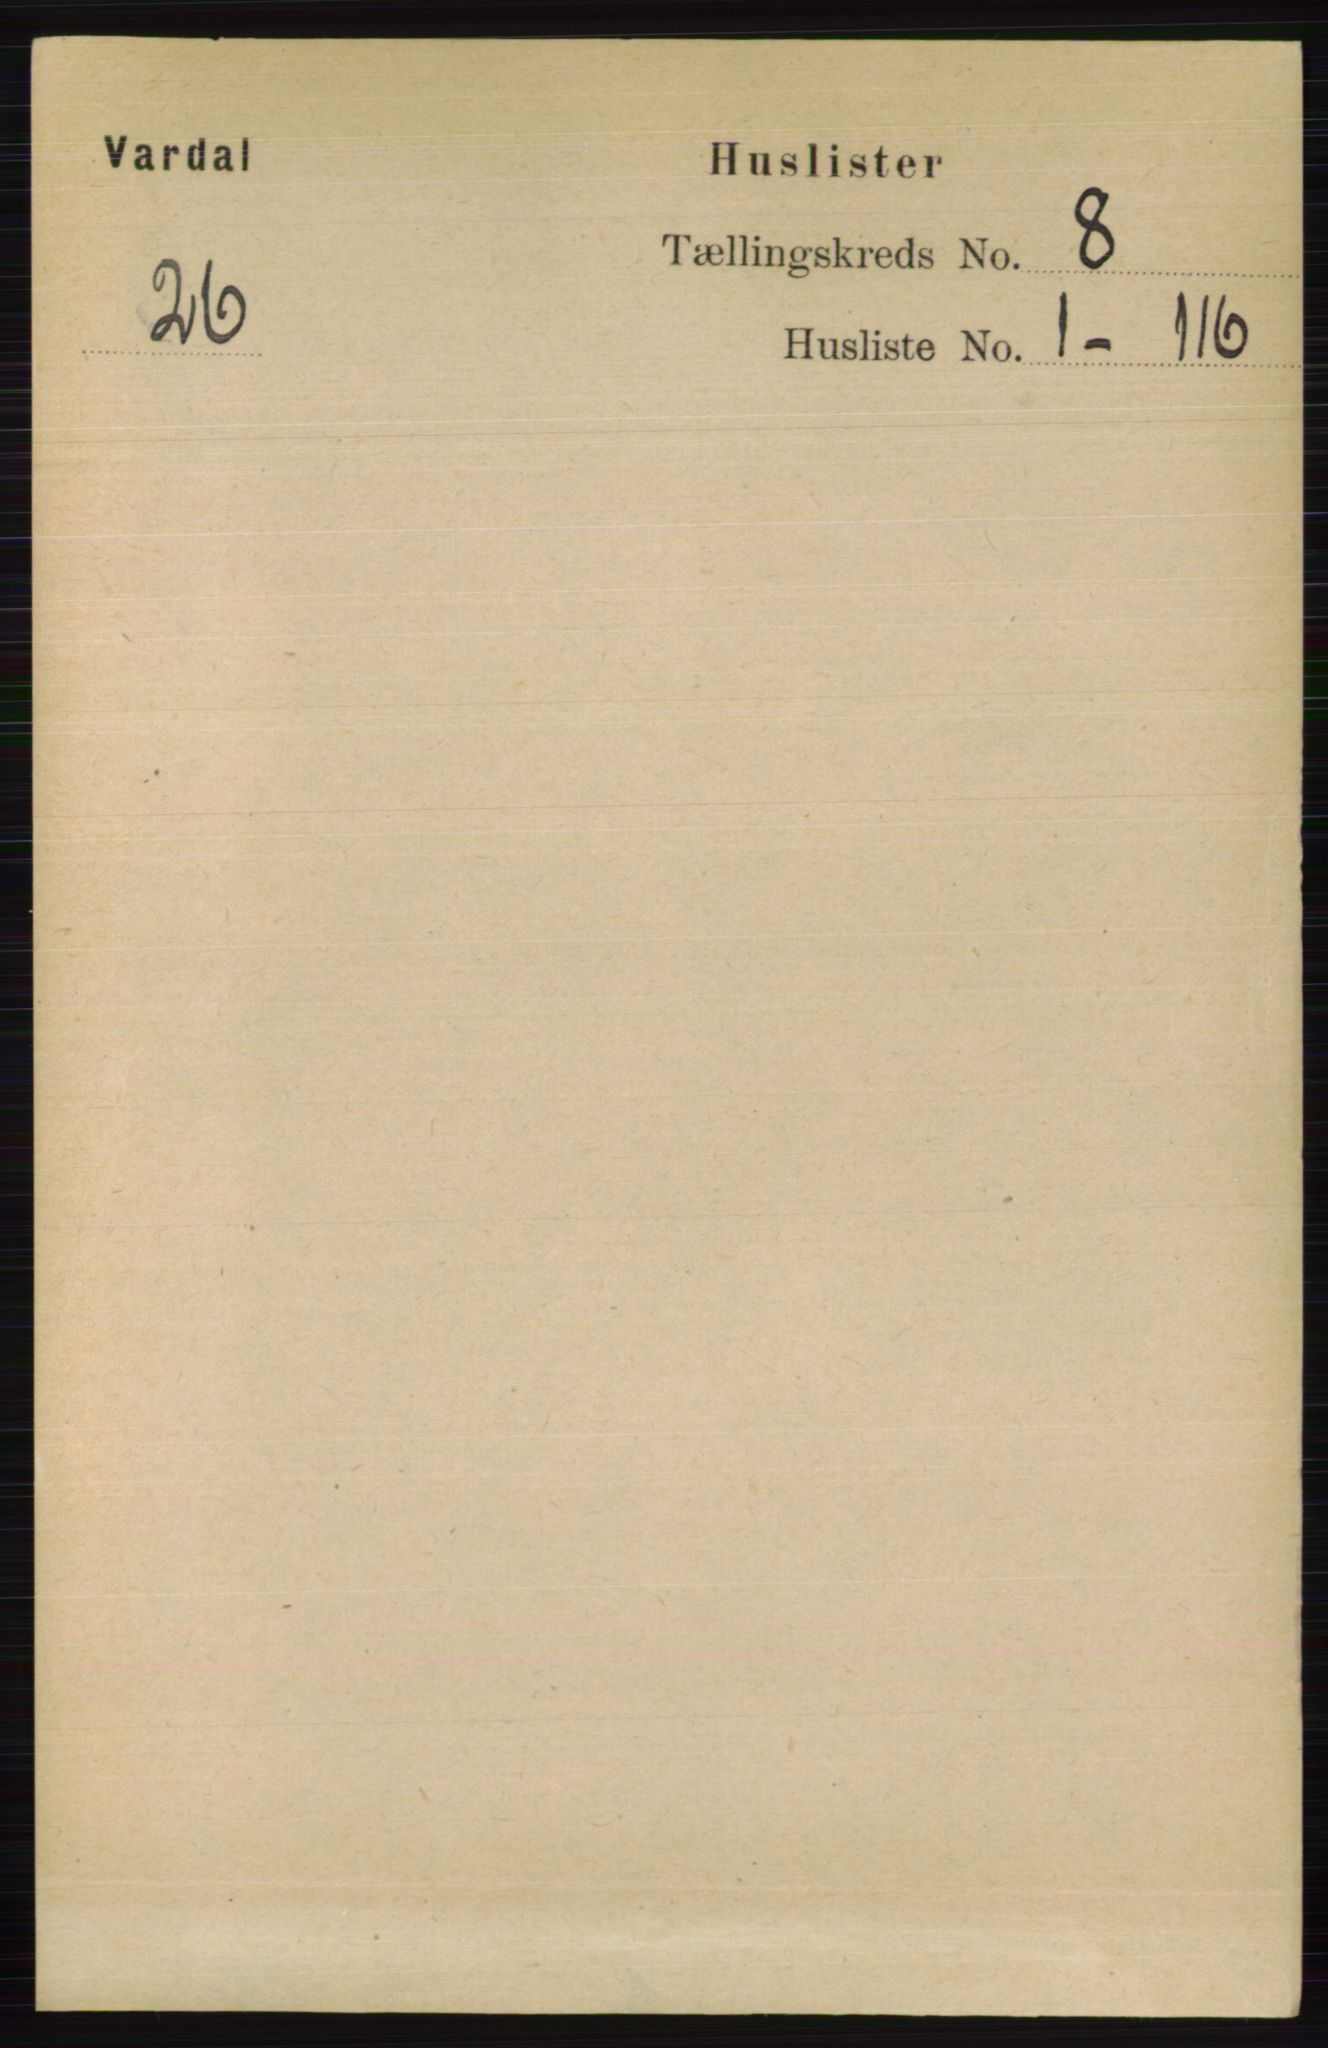 RA, Folketelling 1891 for 0527 Vardal herred, 1891, s. 3569